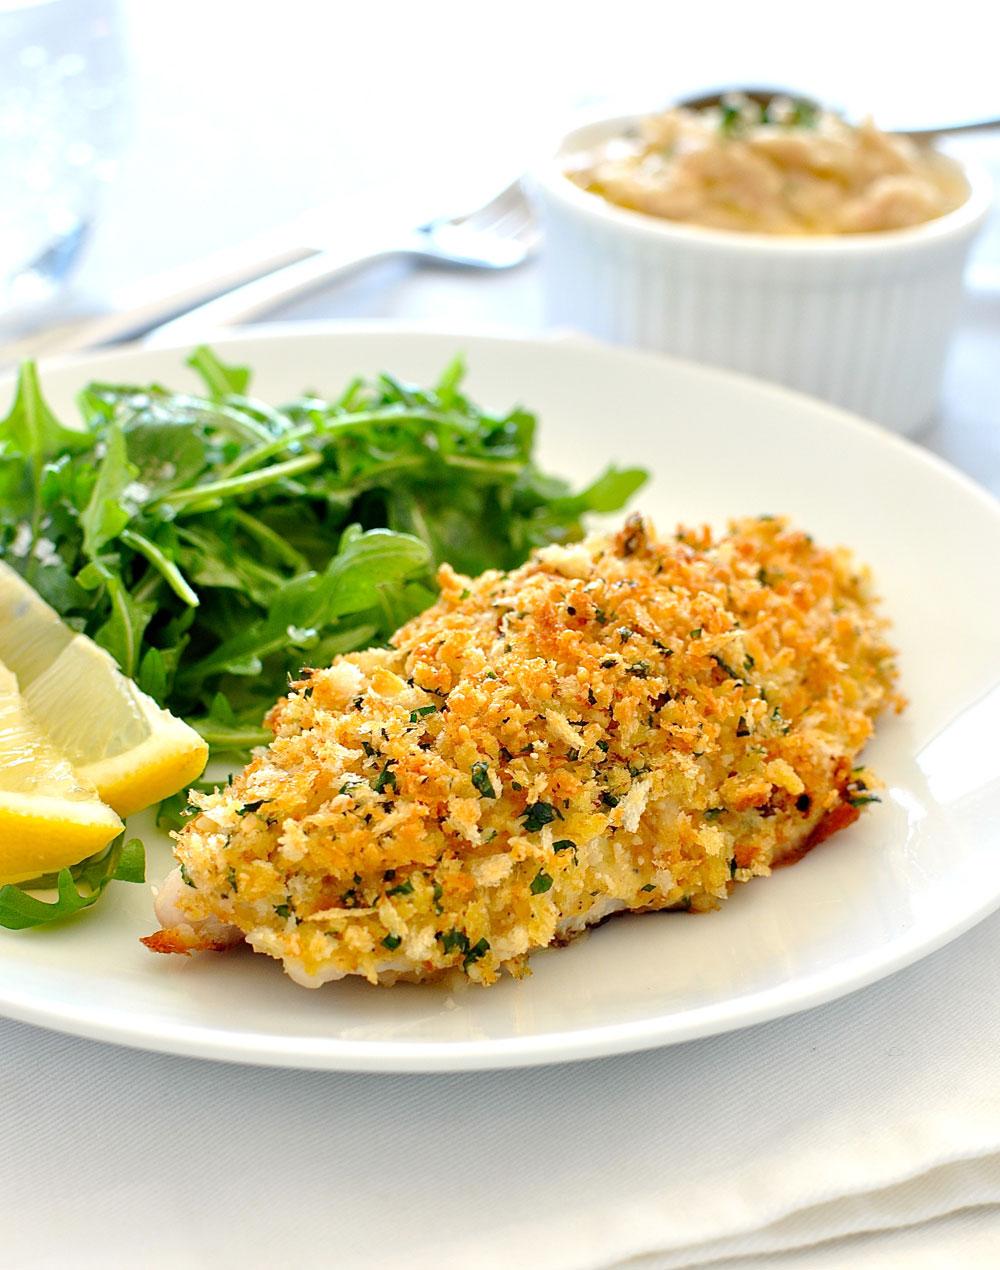 Baked-Parmesan-Crumbed-Fish-2.jpg